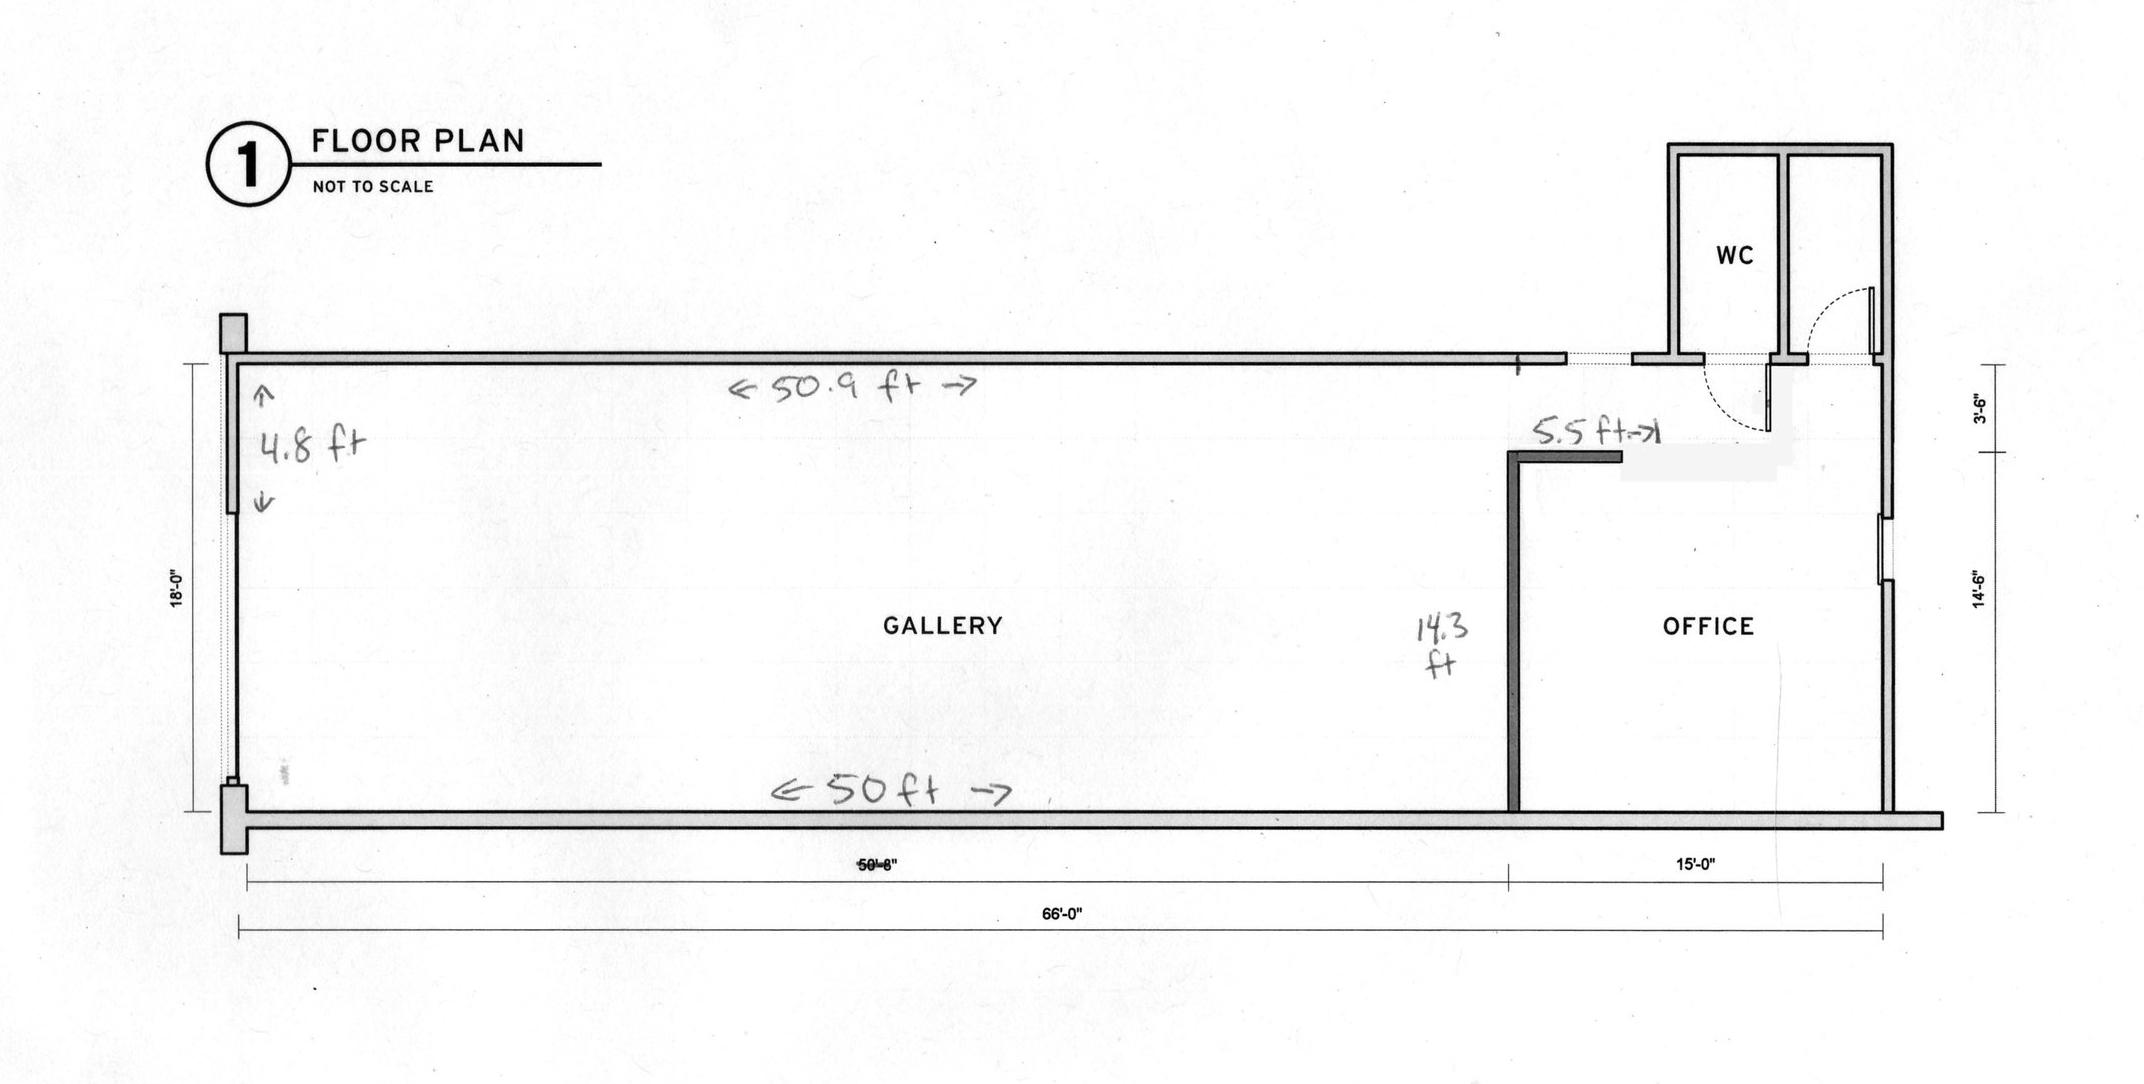 Main Gallery floor plan.jpg